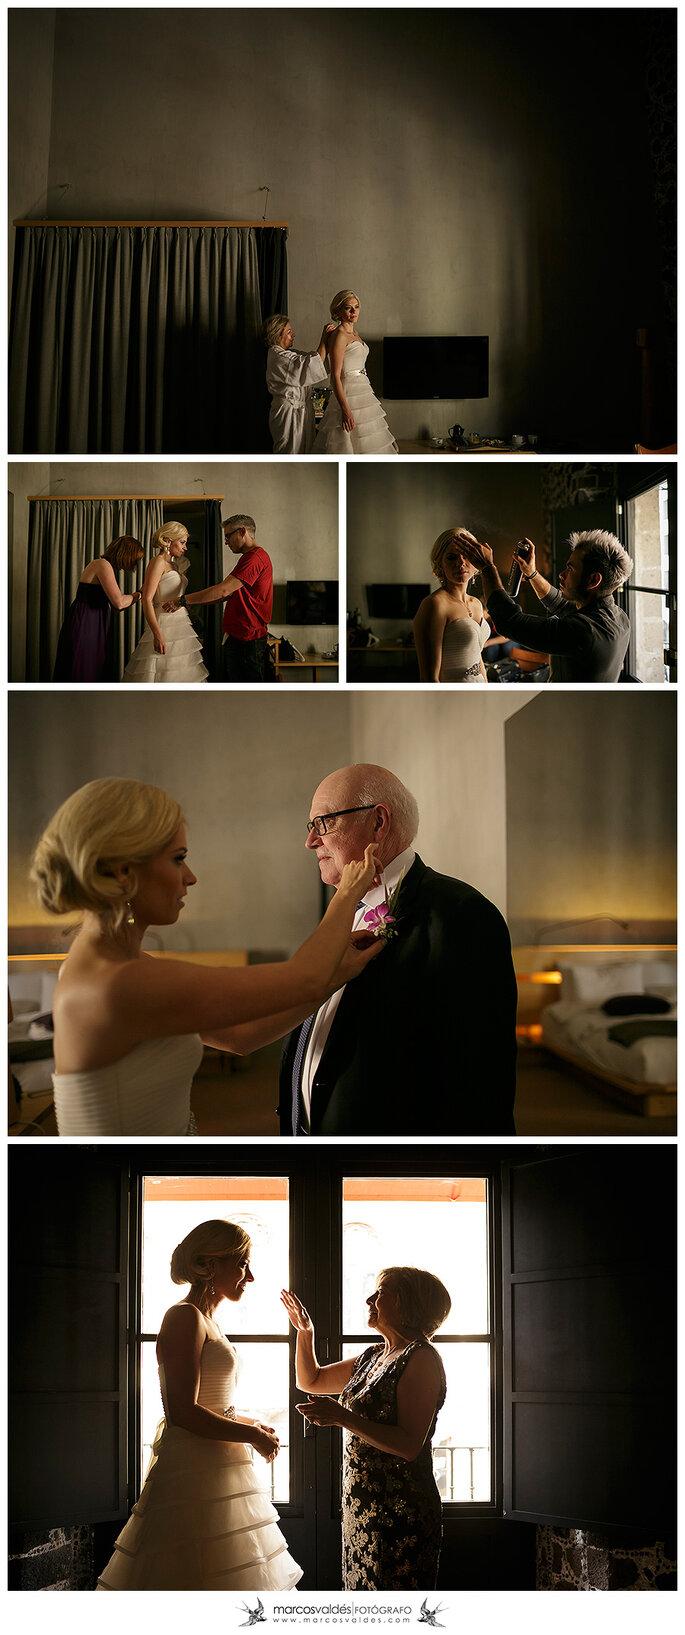 Real Wedding: La boda de Adelina y Joachim en Club de Banqueros - Marcos Valdés